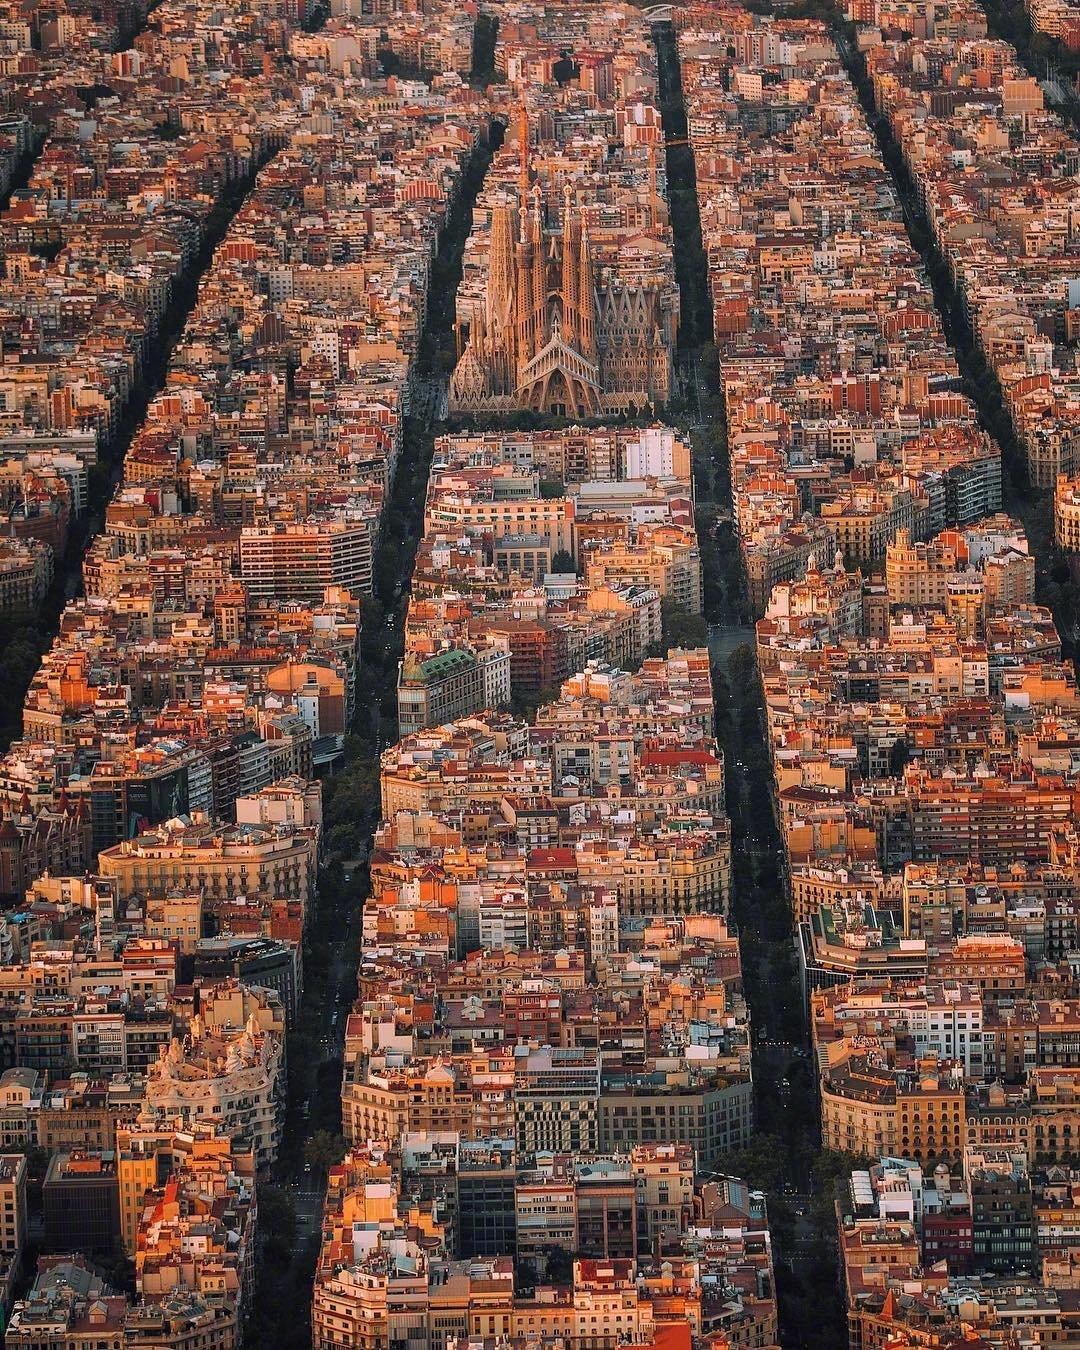 用上帝视角看巴塞罗那